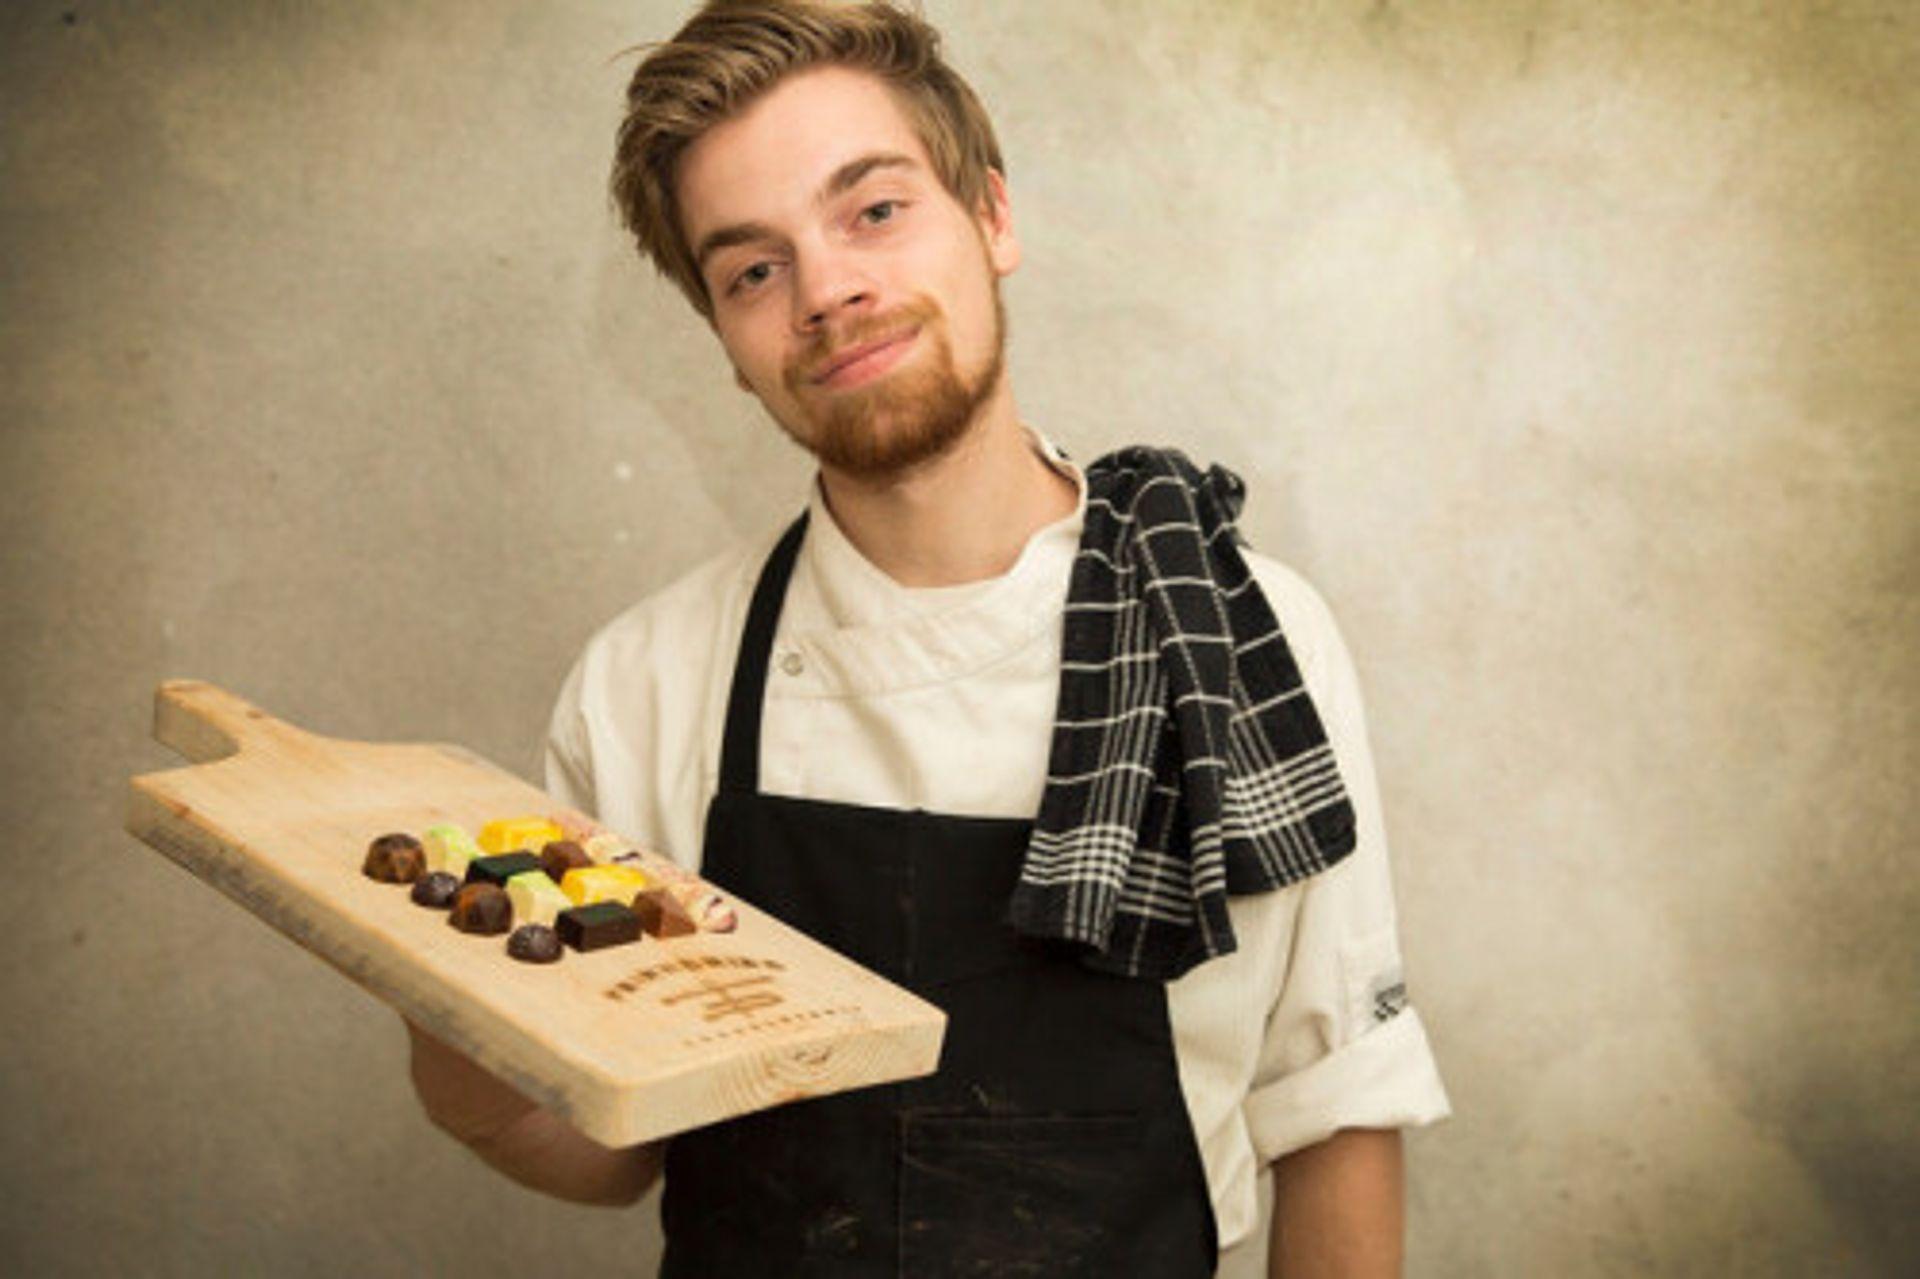 Chocolatier Dries: